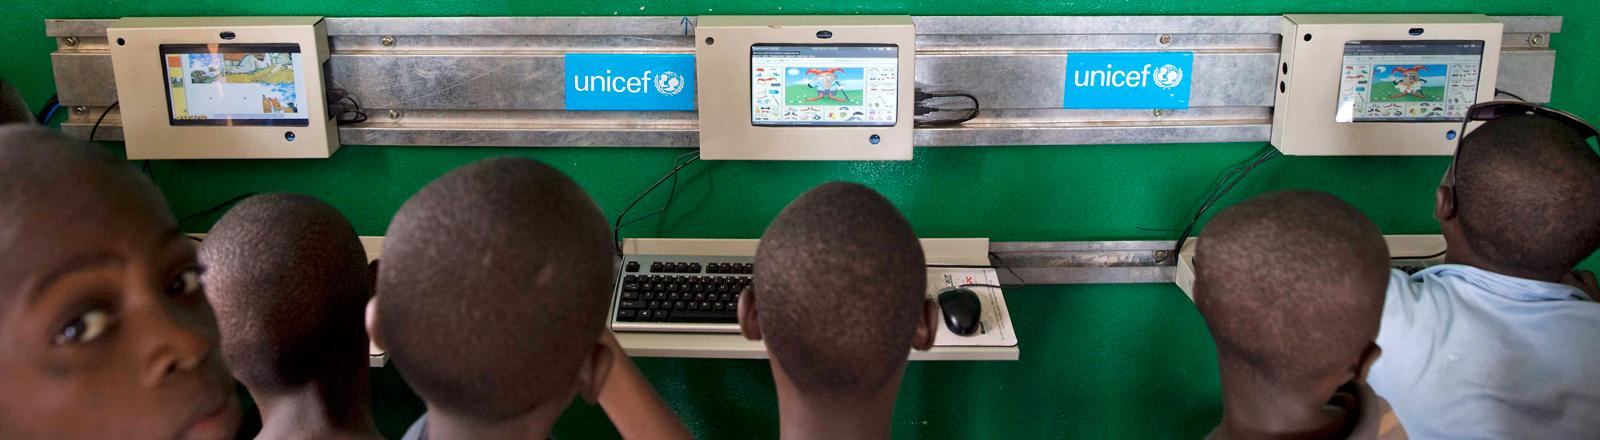 In einem Zentrum für benachteiligte Kinder in Bujumbura, der Hauptstadt von Burundi, lernen Kinder, in einem von UNICEF unterstützten Pilotprojekt.